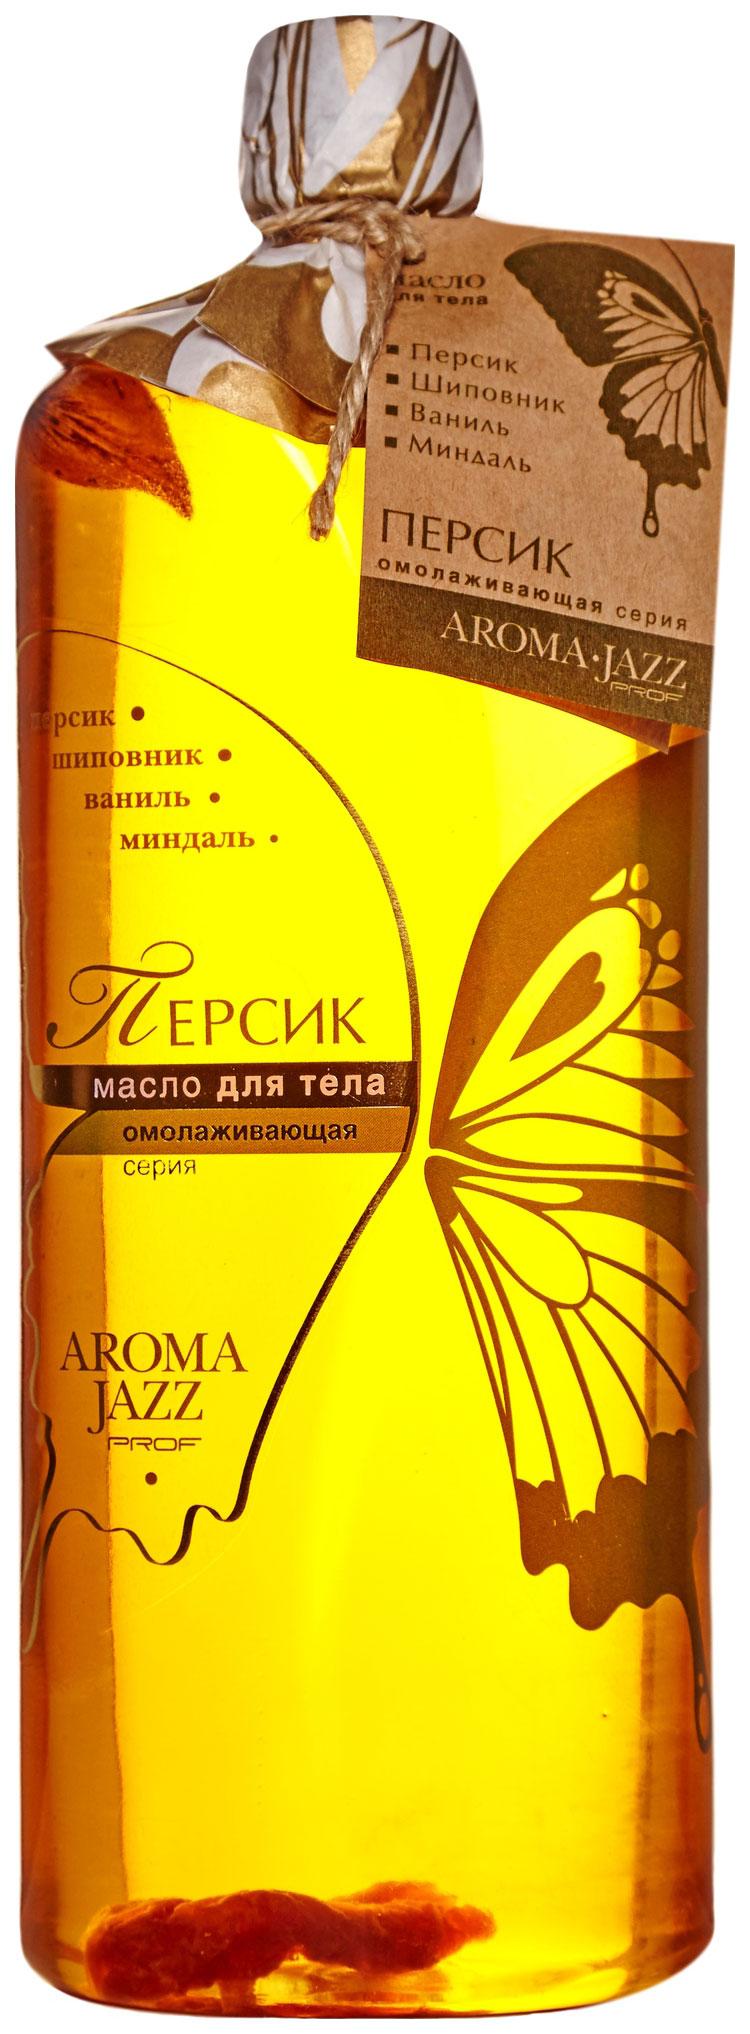 Купить Масло для тела Aroma Jazz Персик 1 л